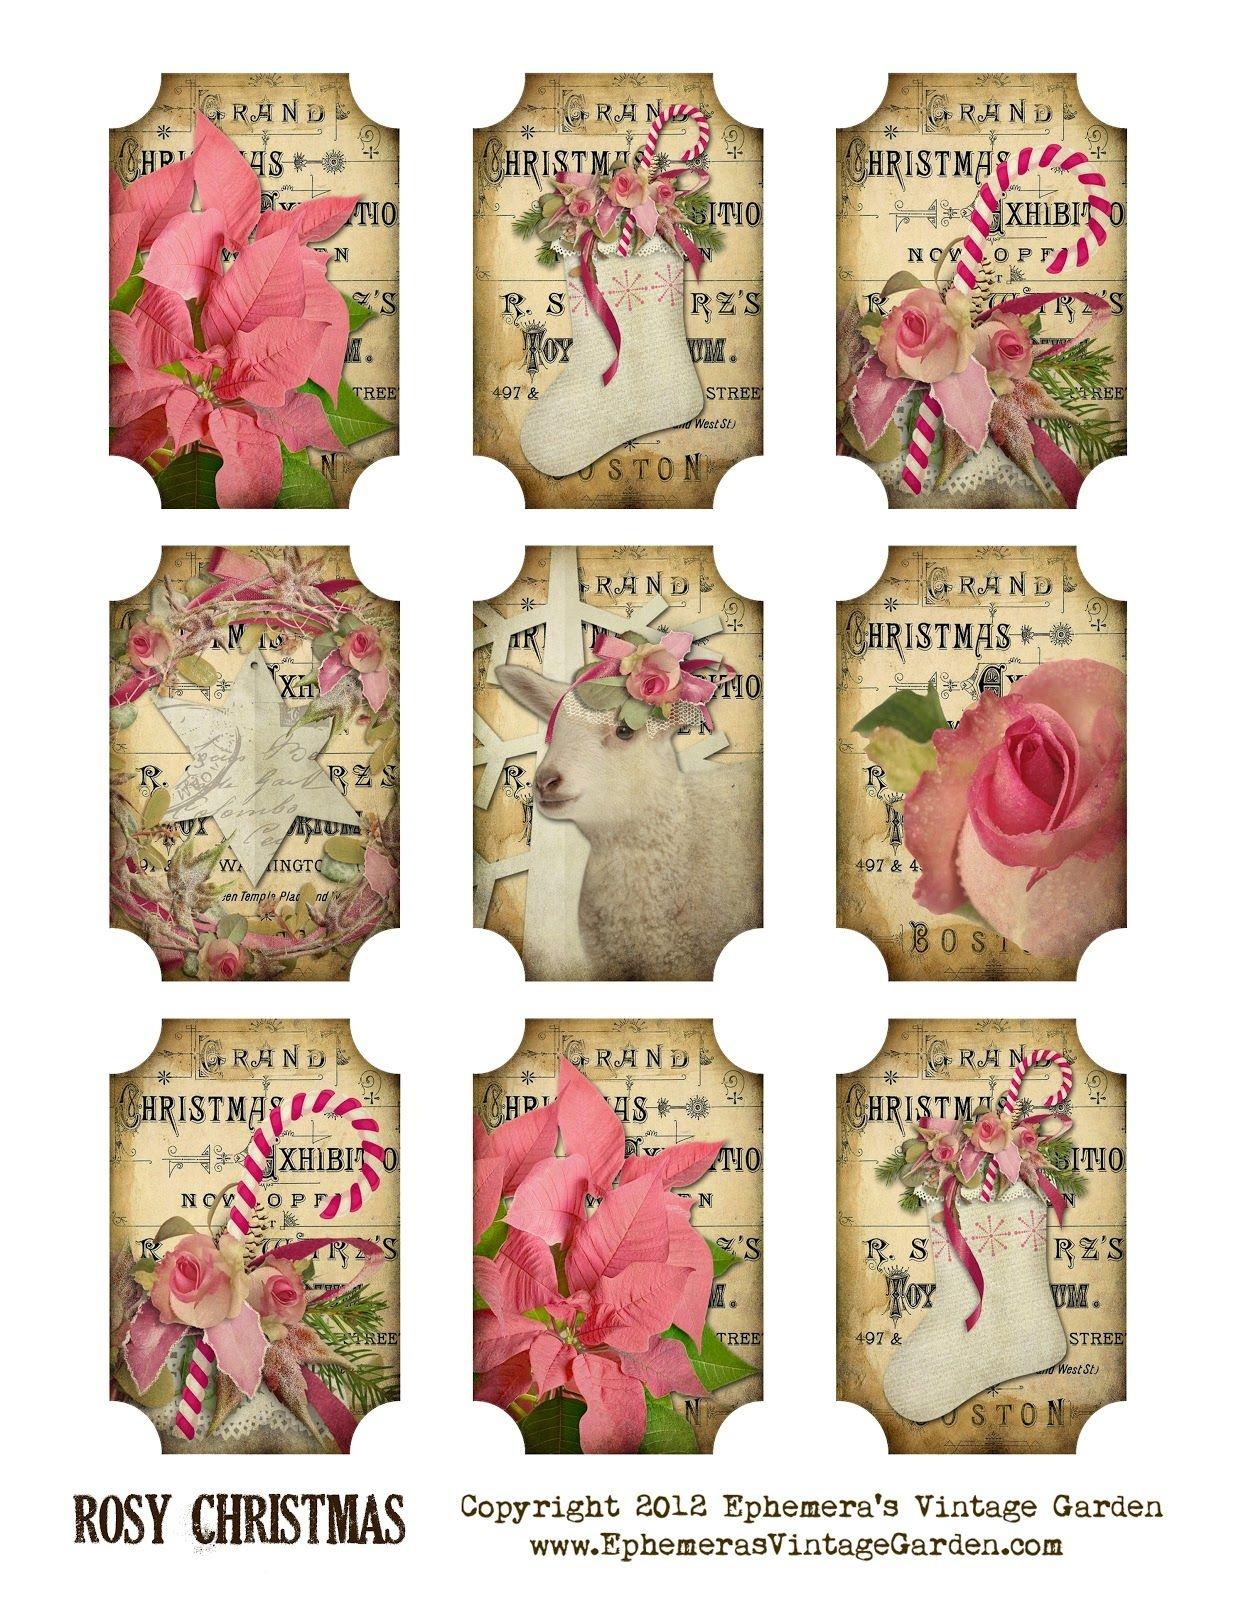 Ephemera's Vintage Garden: Free Printable: Rosy Christmas Gift Tags - Free Printable Vintage Pictures